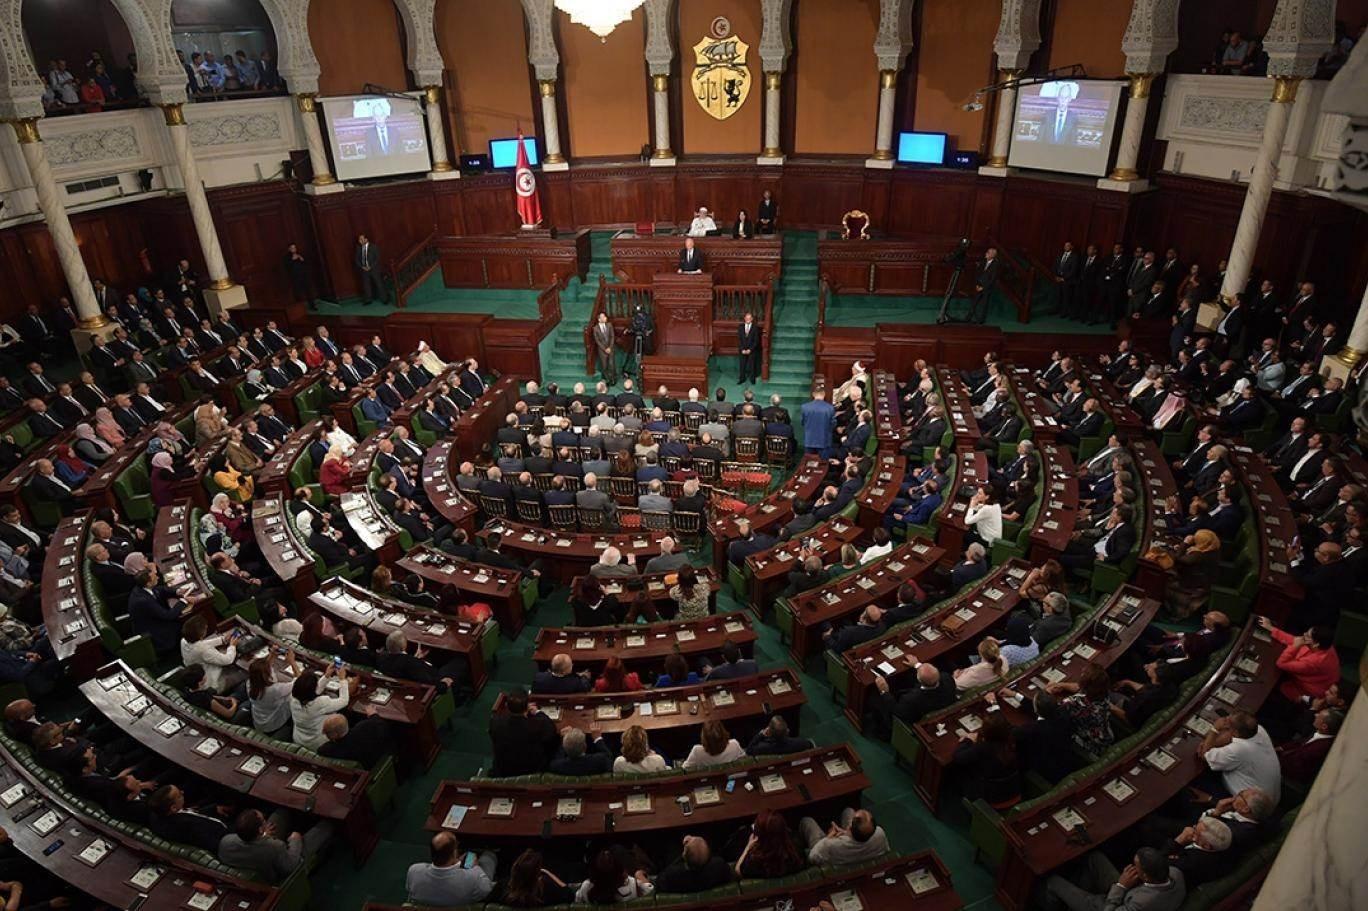 برلمان تونس يسقط لائحة تطالب فرنسا بالاعتذار عن حقبة الاستعمار